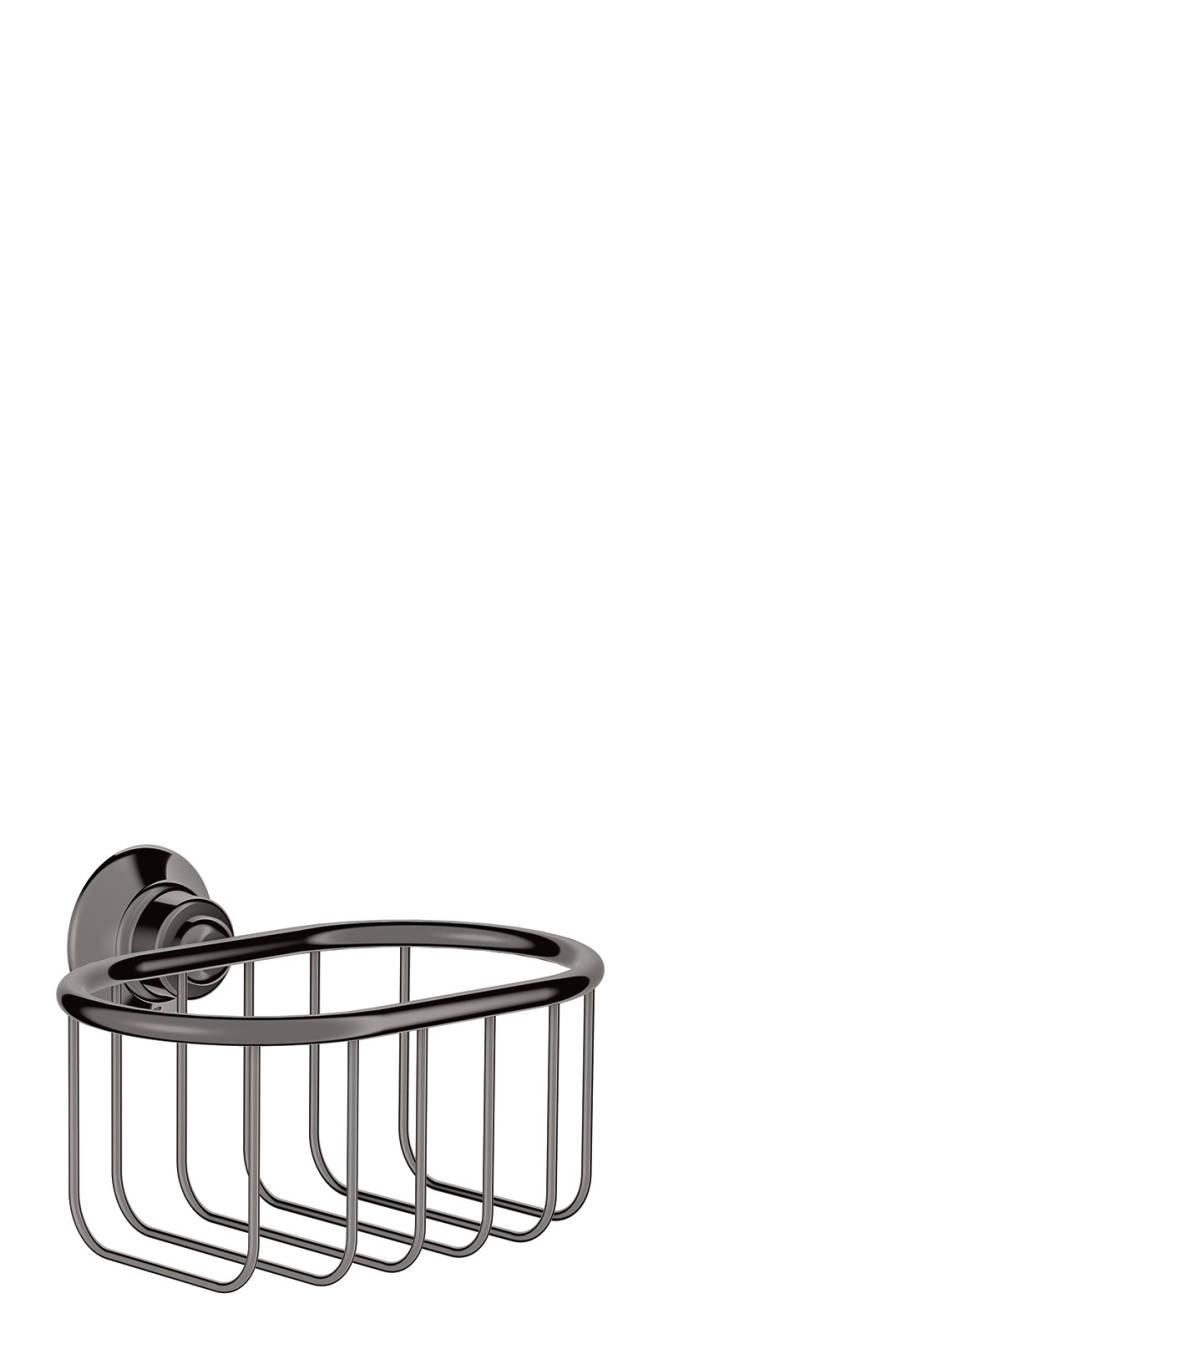 Corner basket 160/101, Polished Black Chrome, 42065330